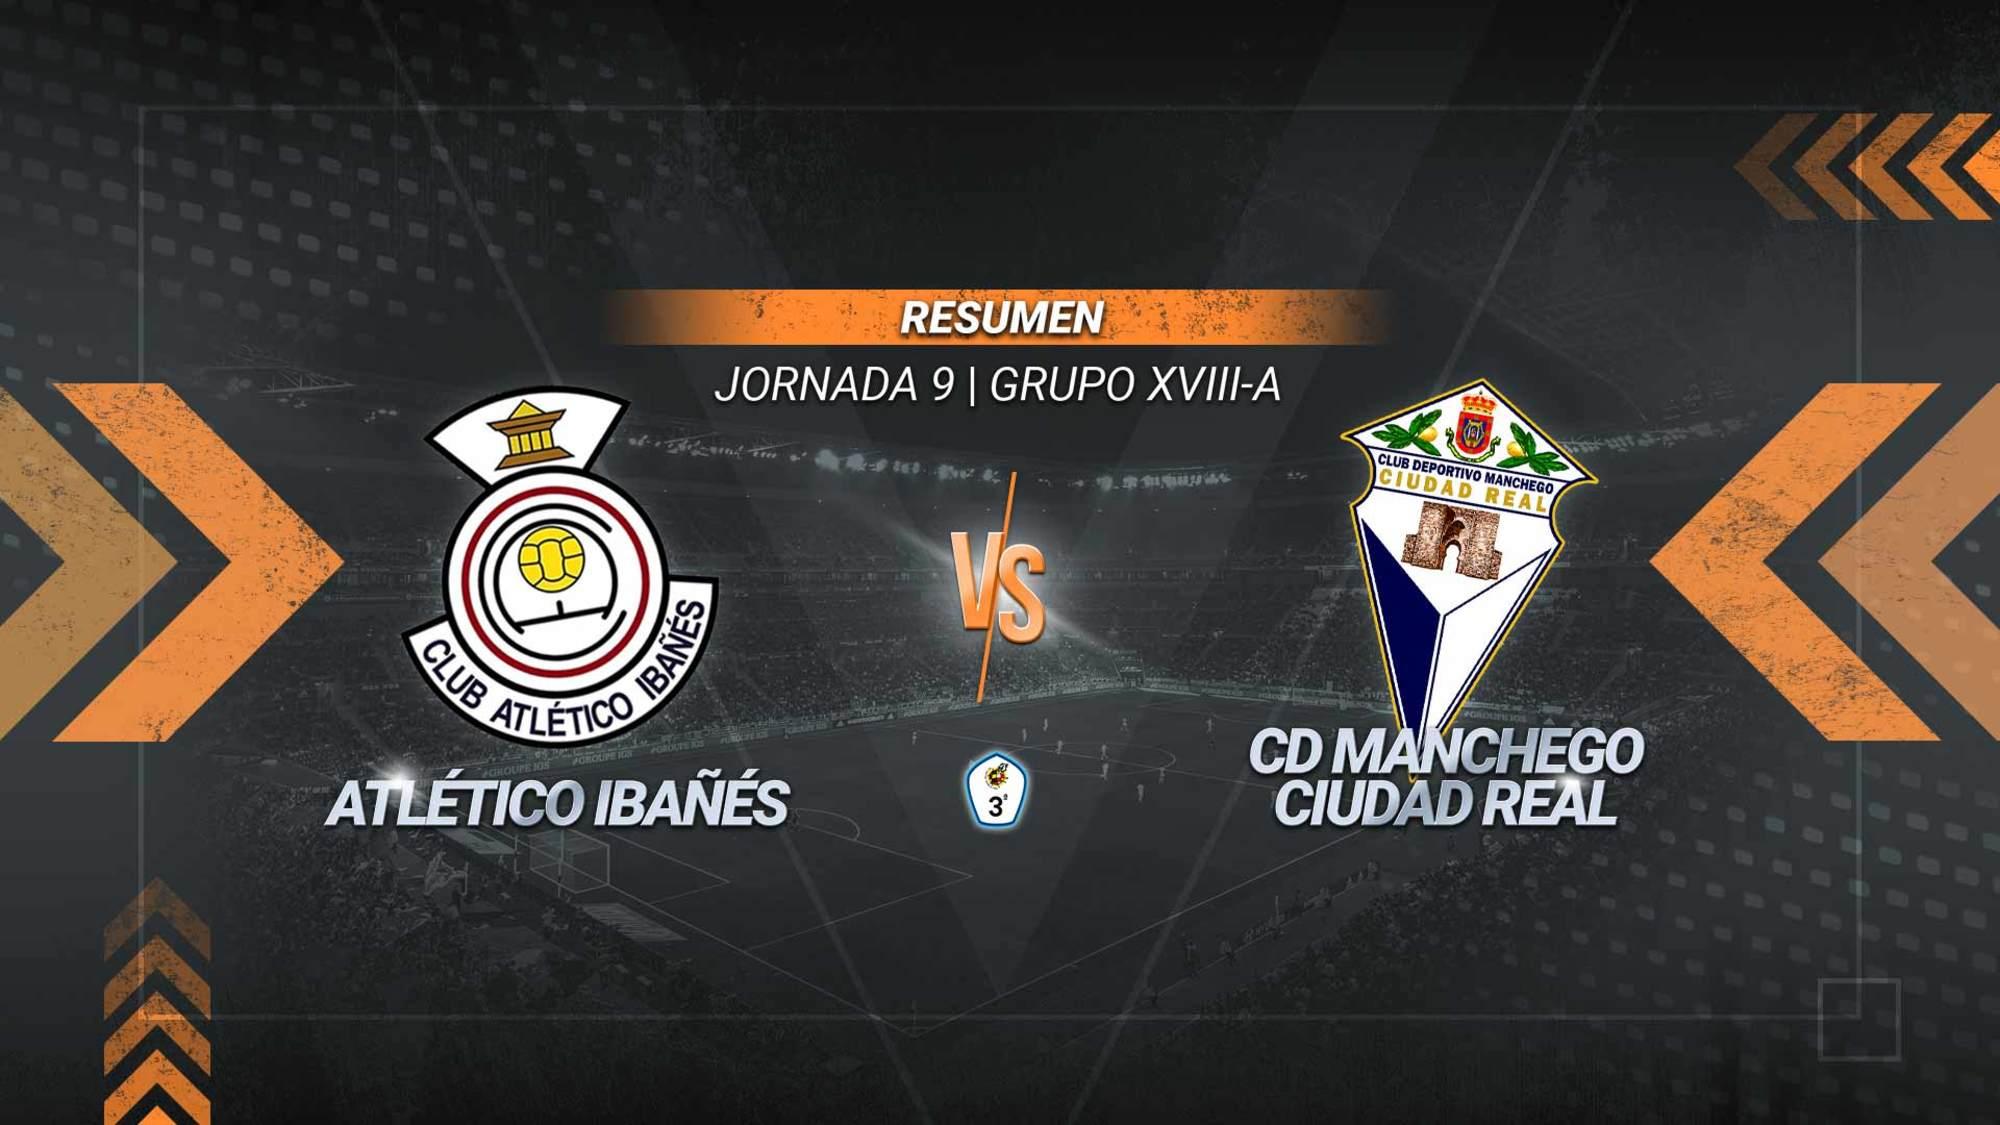 Los reyes del empate se reparten los puntos en Casas Ibáñez. El Atlético Ibañés y el Manchego suman su cuarta igualdad de la temporada. Los locales se mantienen colistas con cuatro puntos, mientras que los mancheguistas están en la zona media con siete.